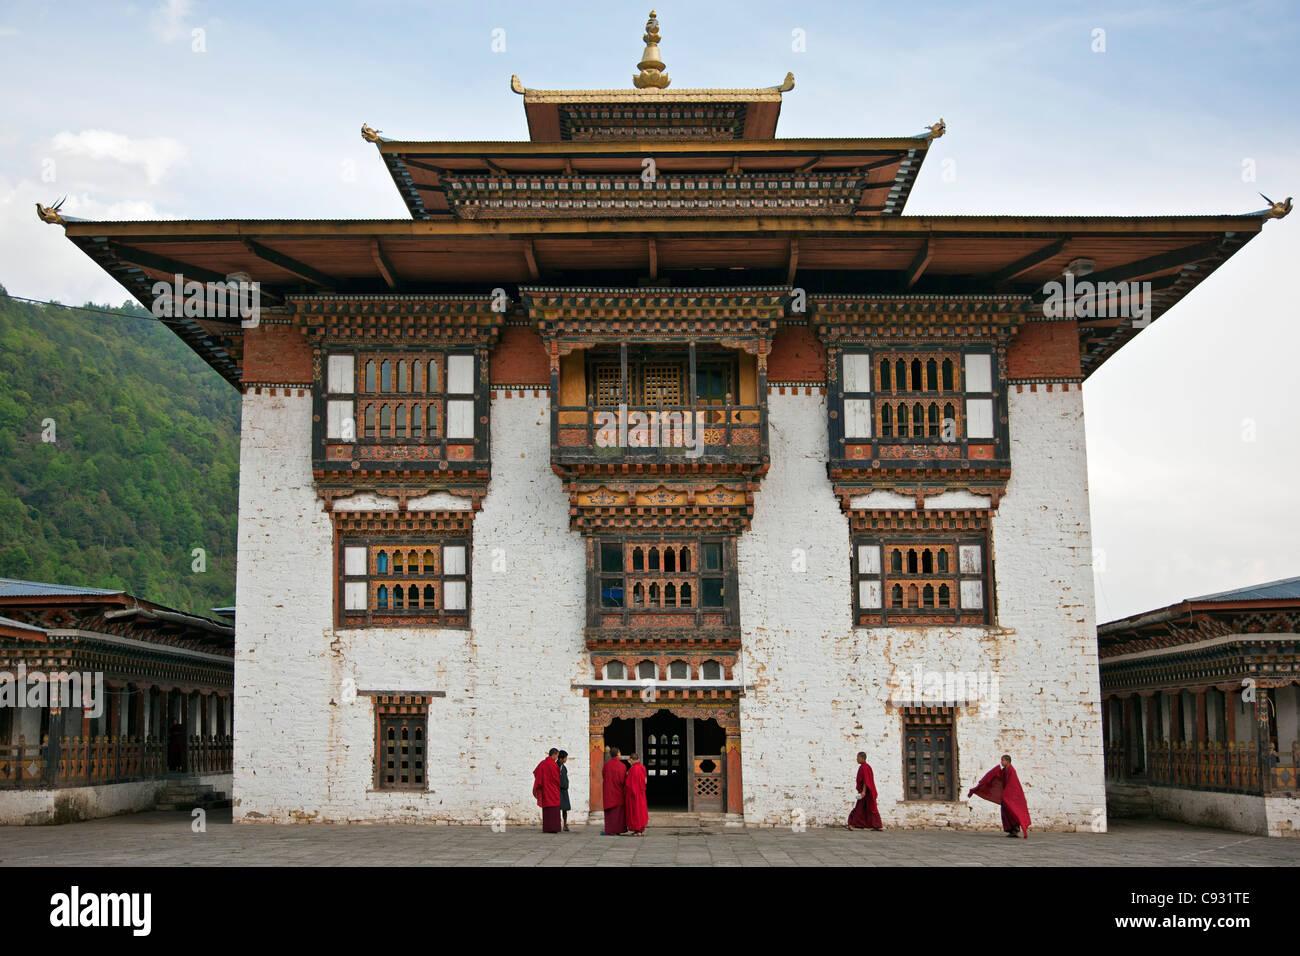 La très belle 17ème siècle bouddhiste fort et monastère à Trashi Yangtse est situé Photo Stock